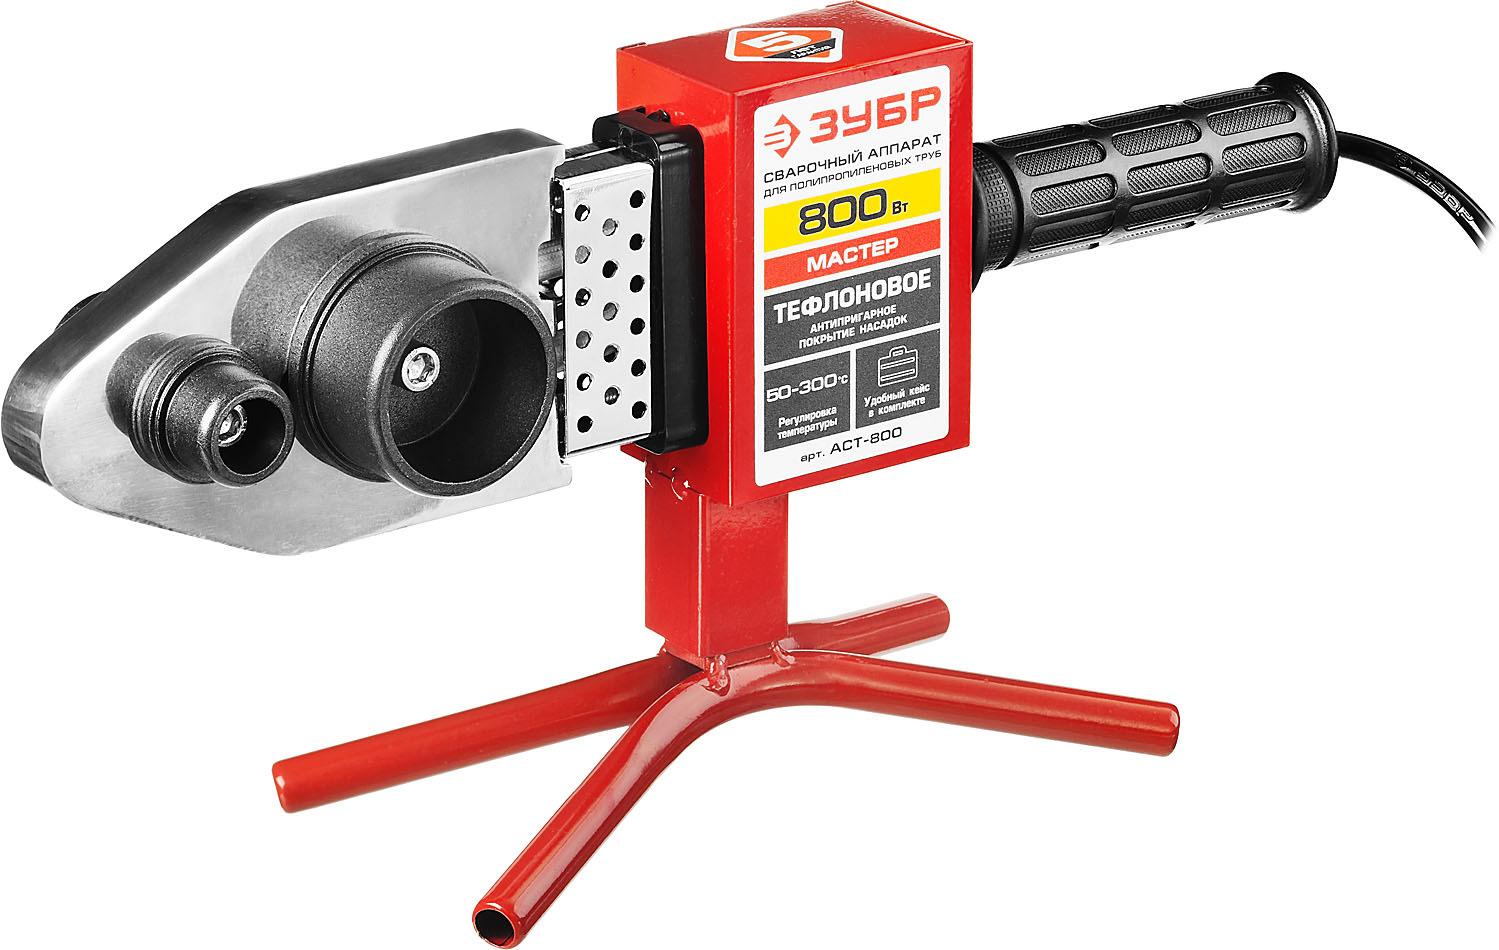 Аппарат для сварки труб ЗУБР, АСТ-800 аппарат для сварки труб зубр аст 2000